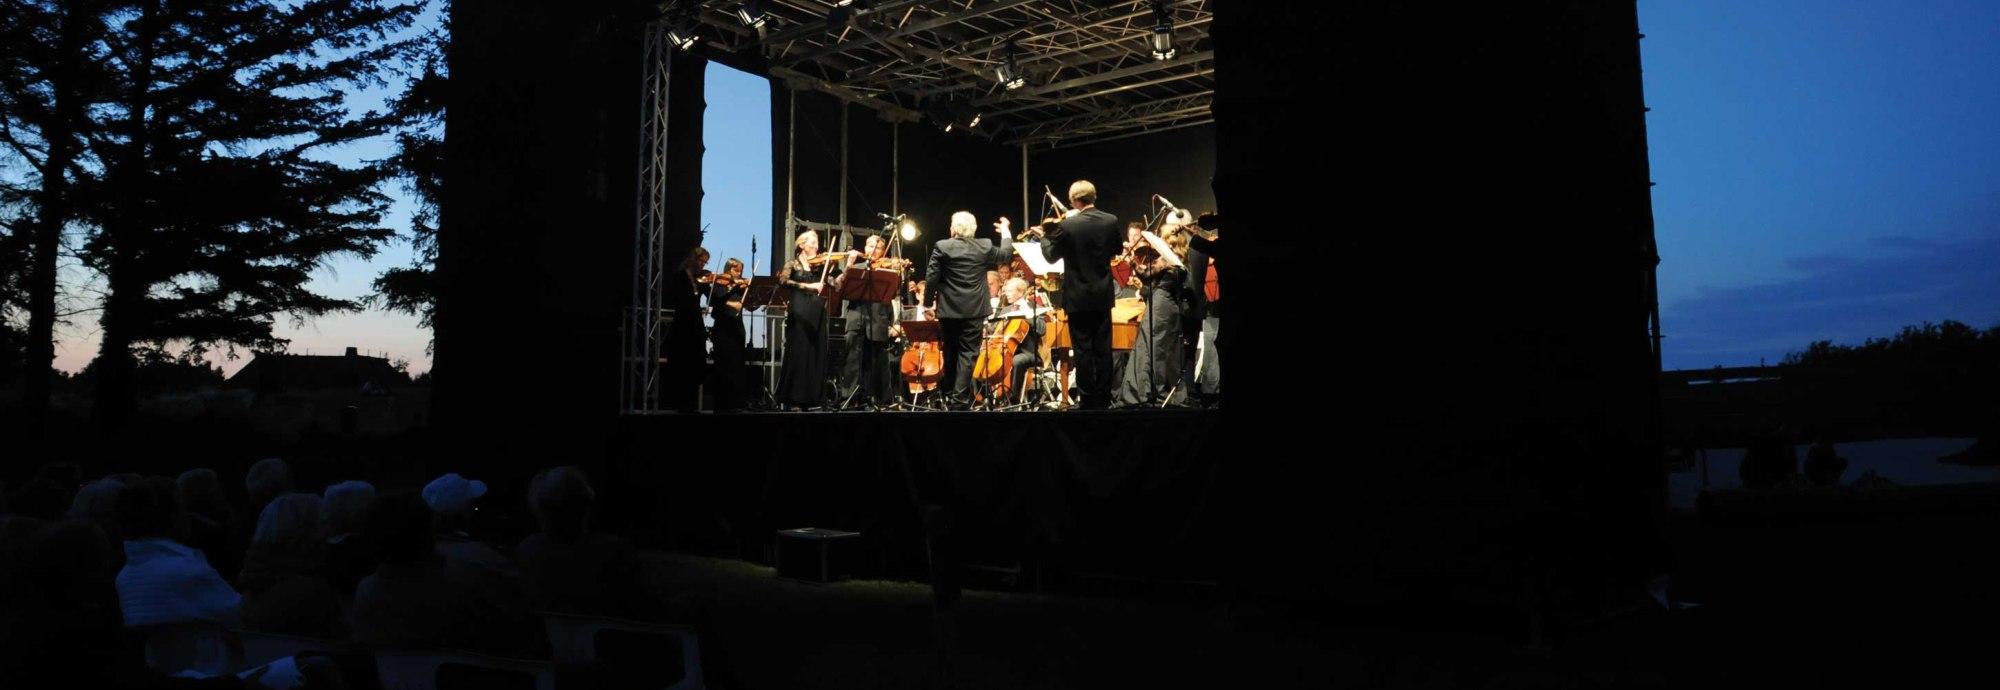 Klassisches-Konzert-auf-Amrum, © KQuedens